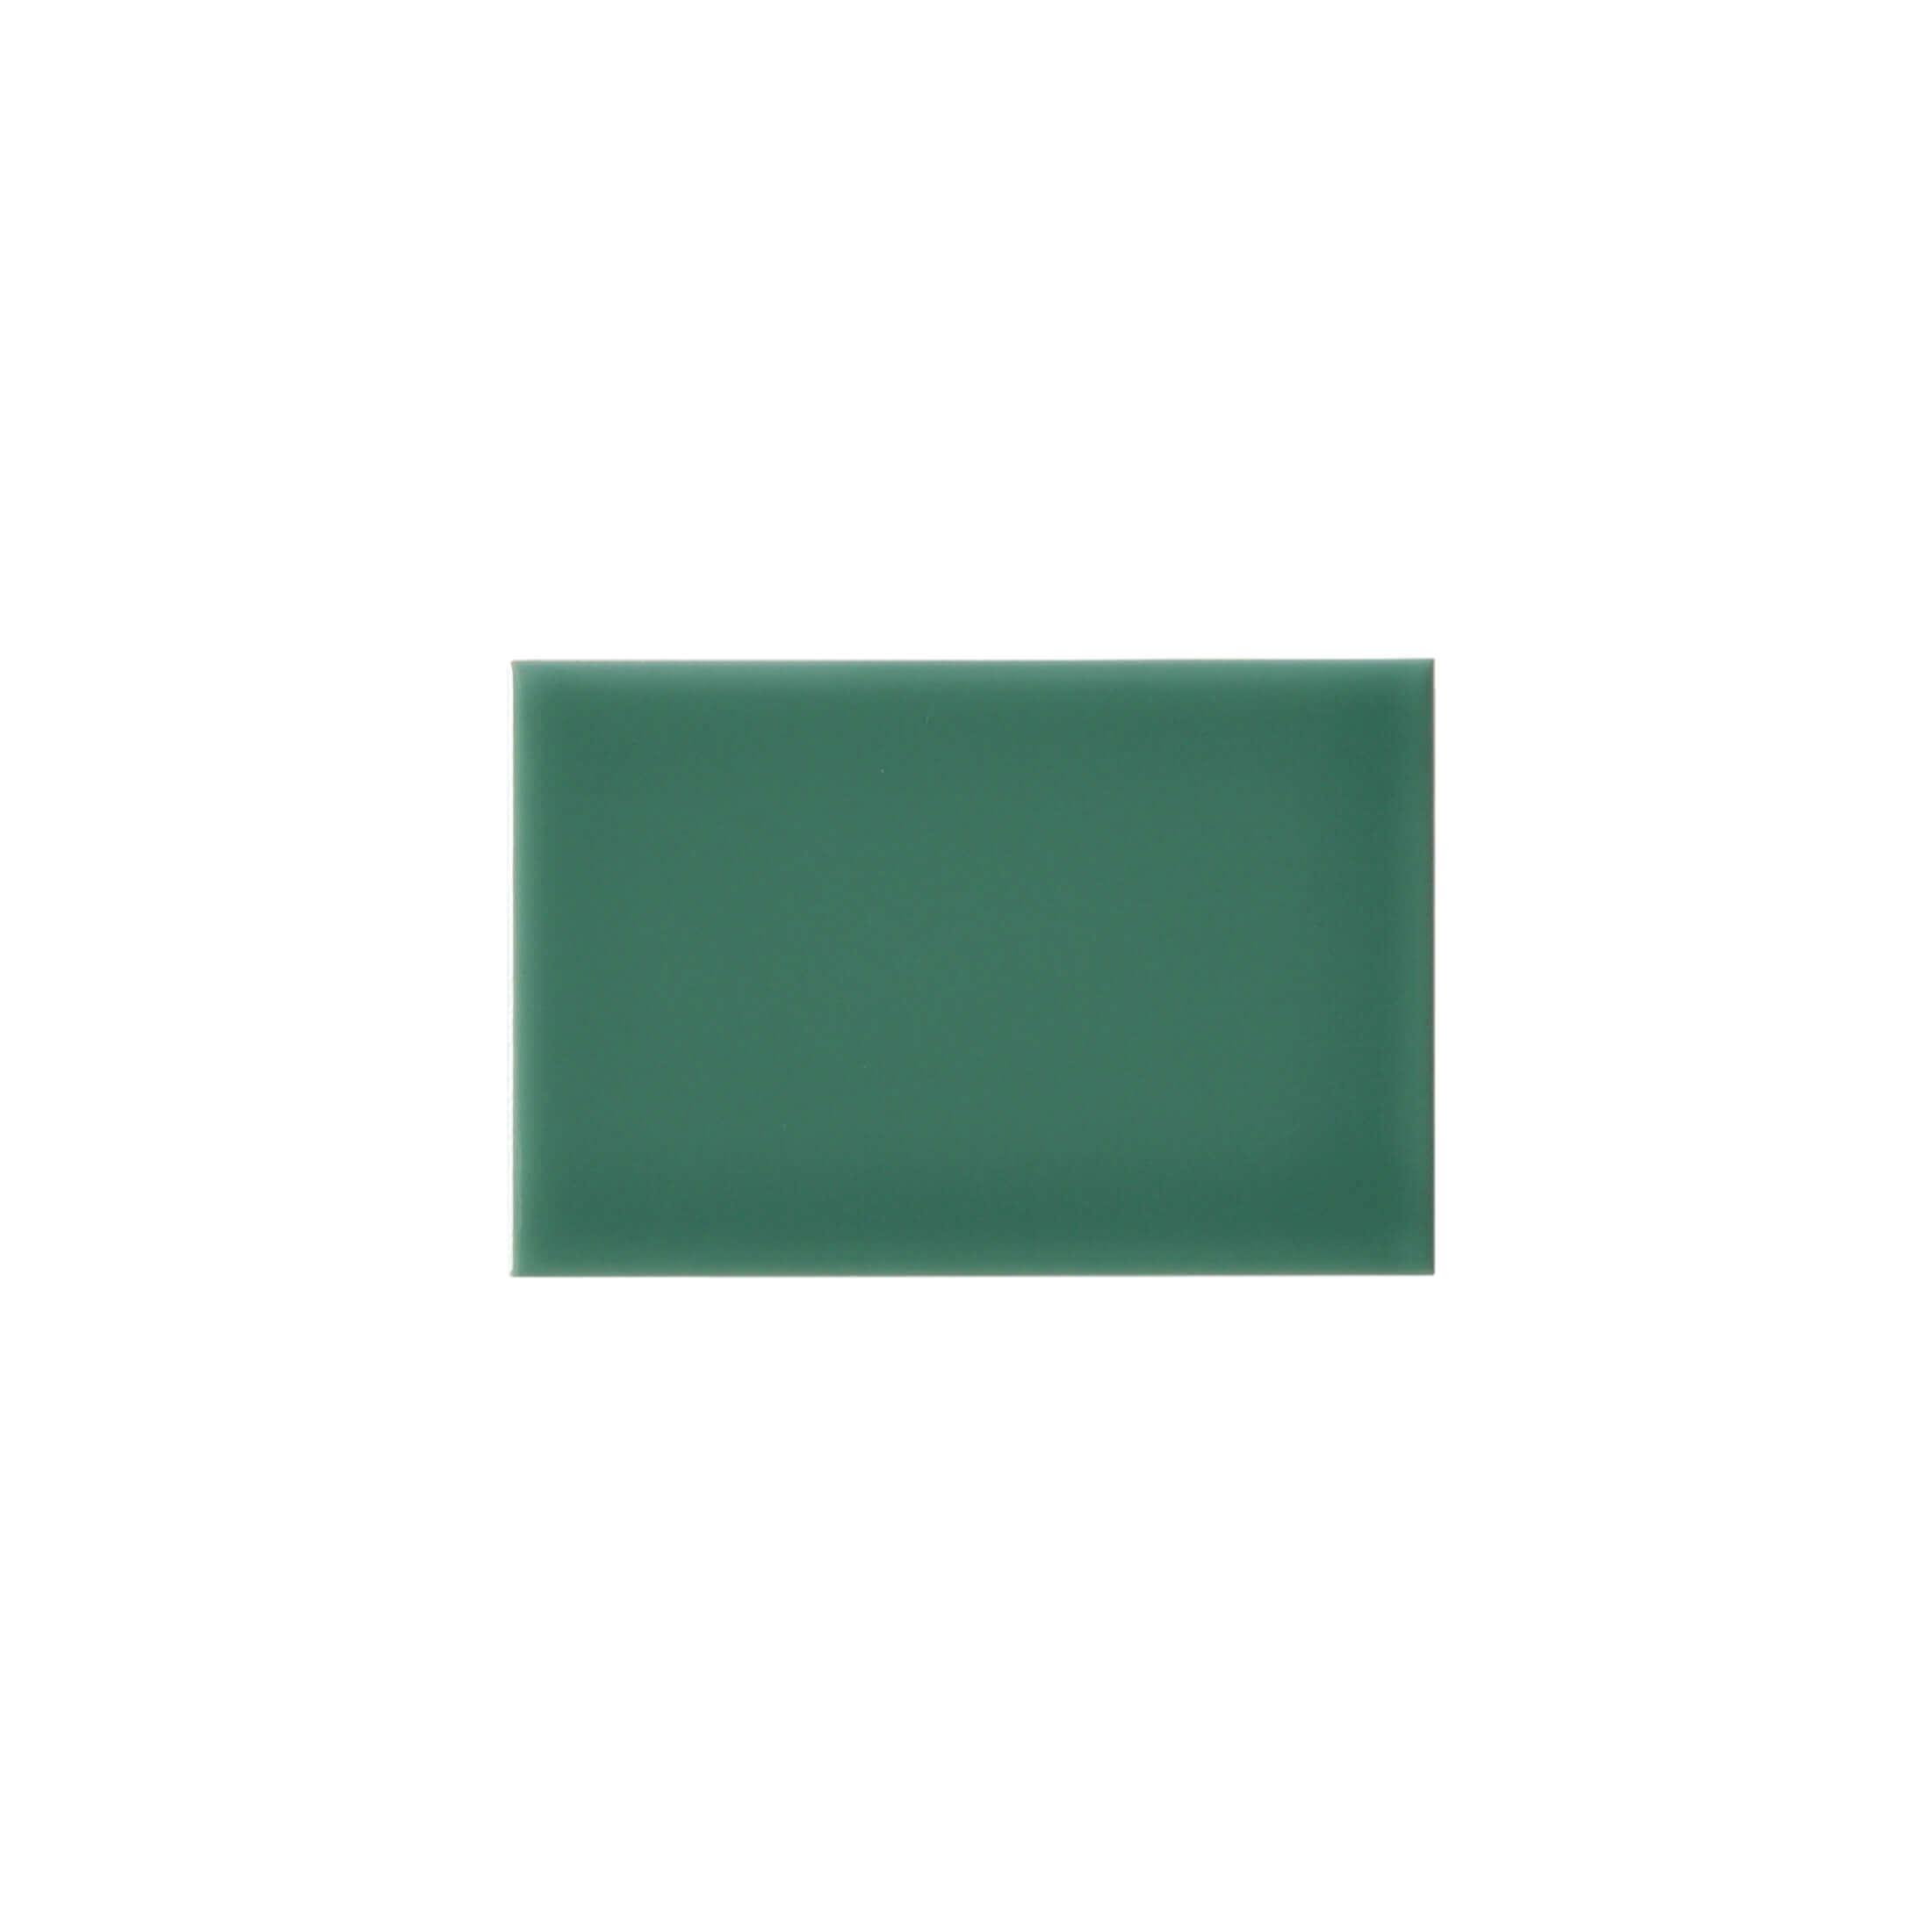 ADRI1027 - 10 cm X 15 cm